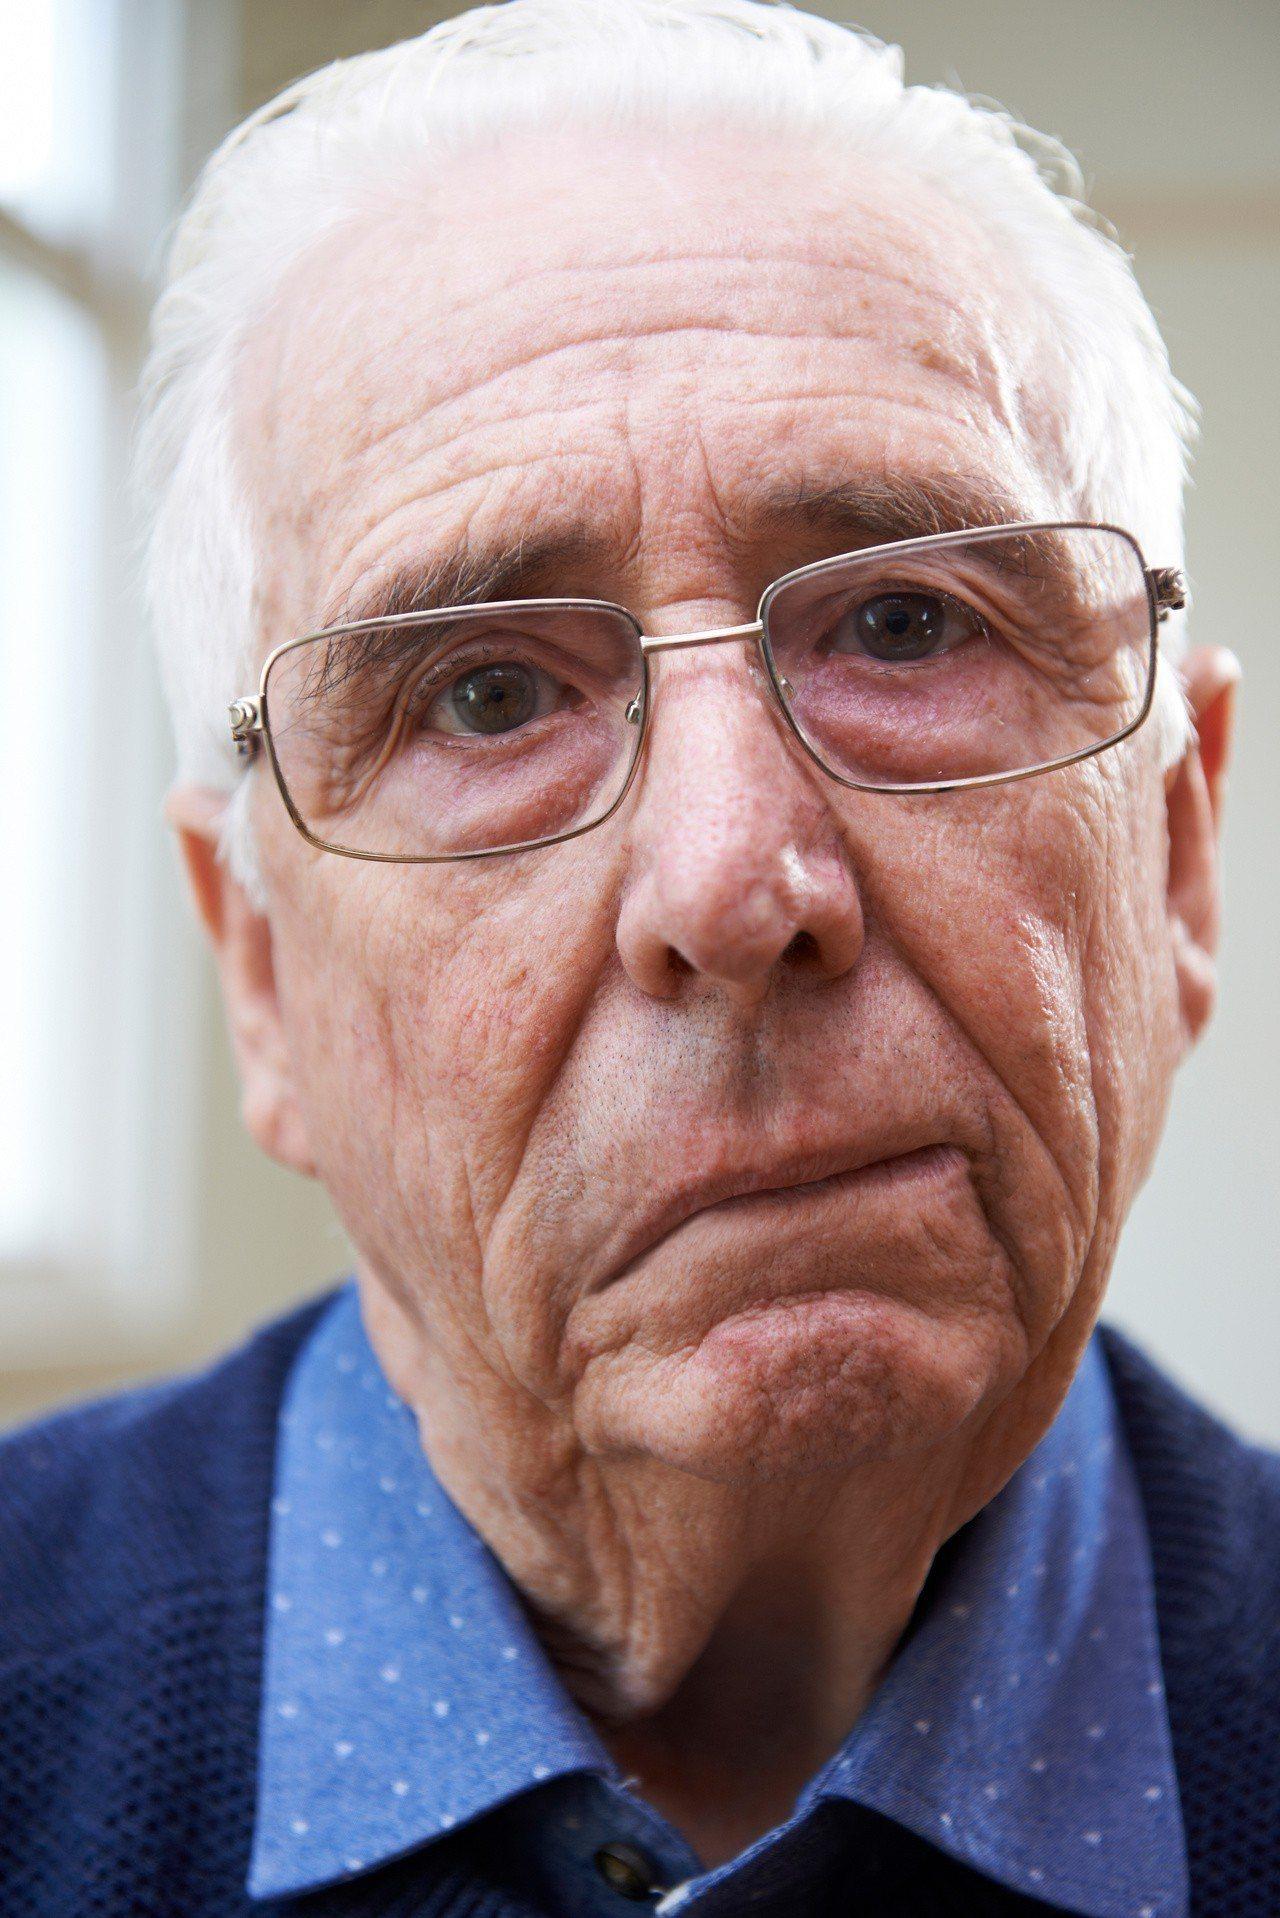 臉部表情不對稱或嘴角歪斜,是中風的可能症狀之一。 圖/123RF